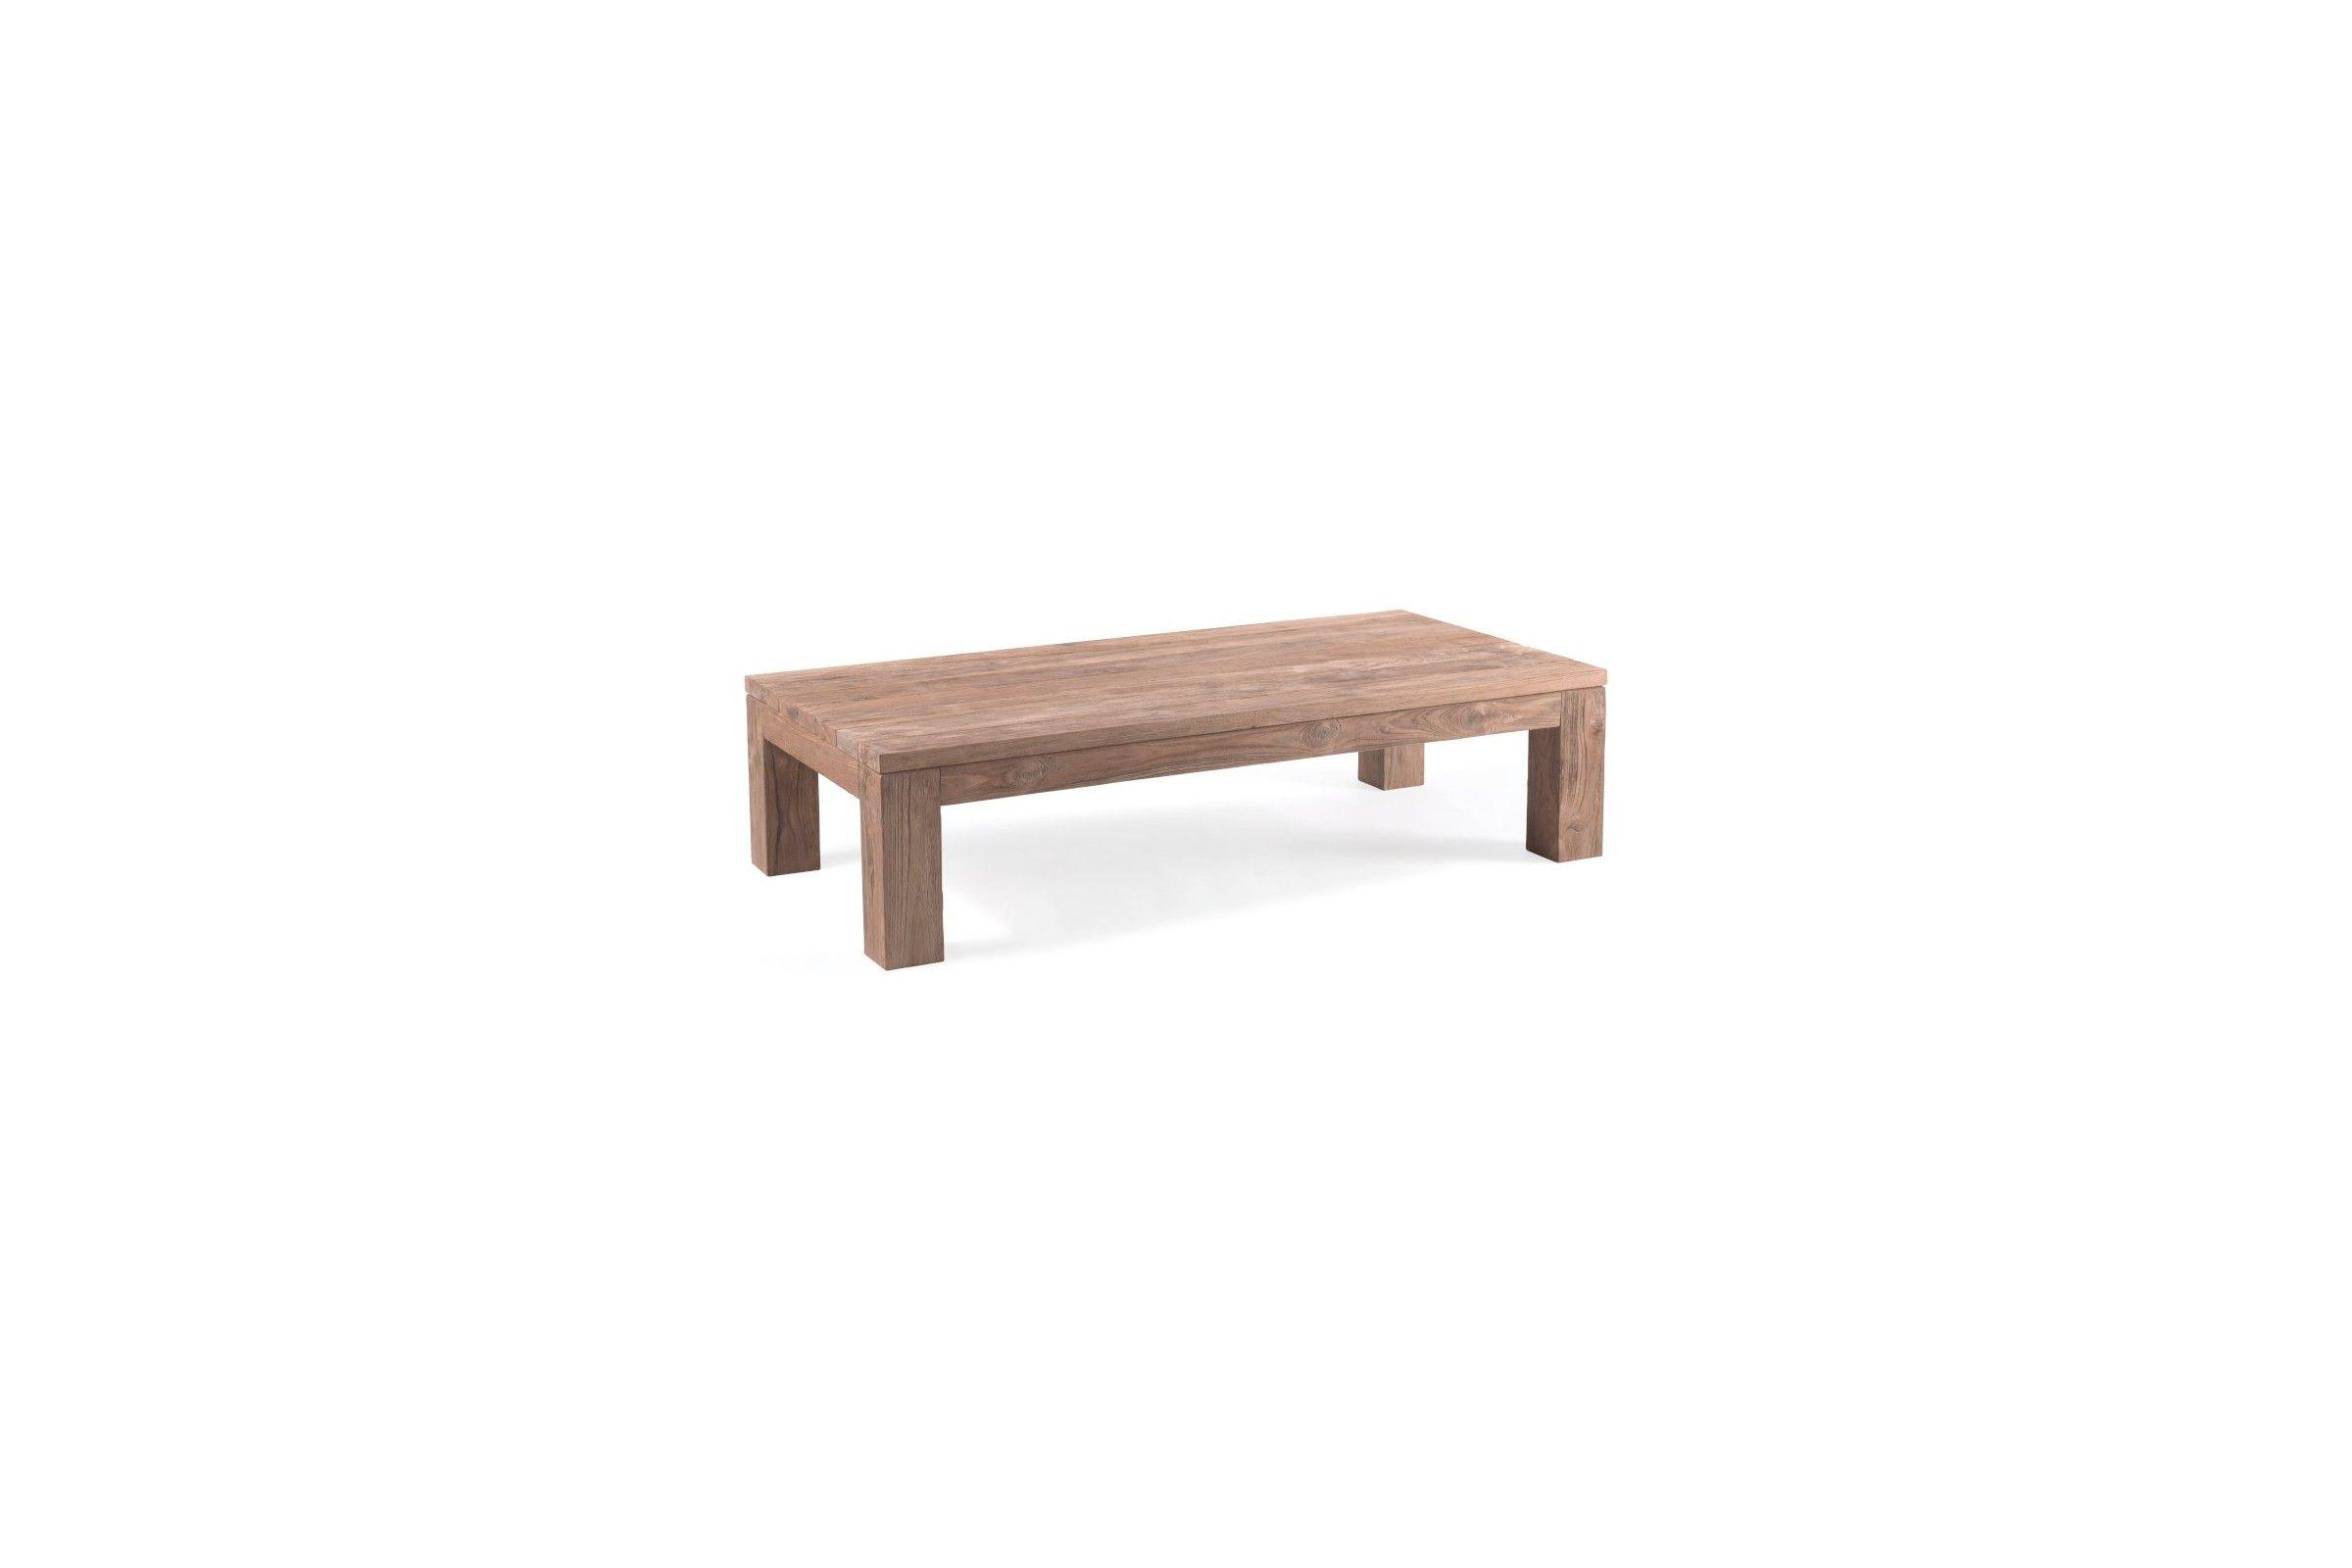 Table de jardin basse 140 cm vieux teck massif, Primitive ...